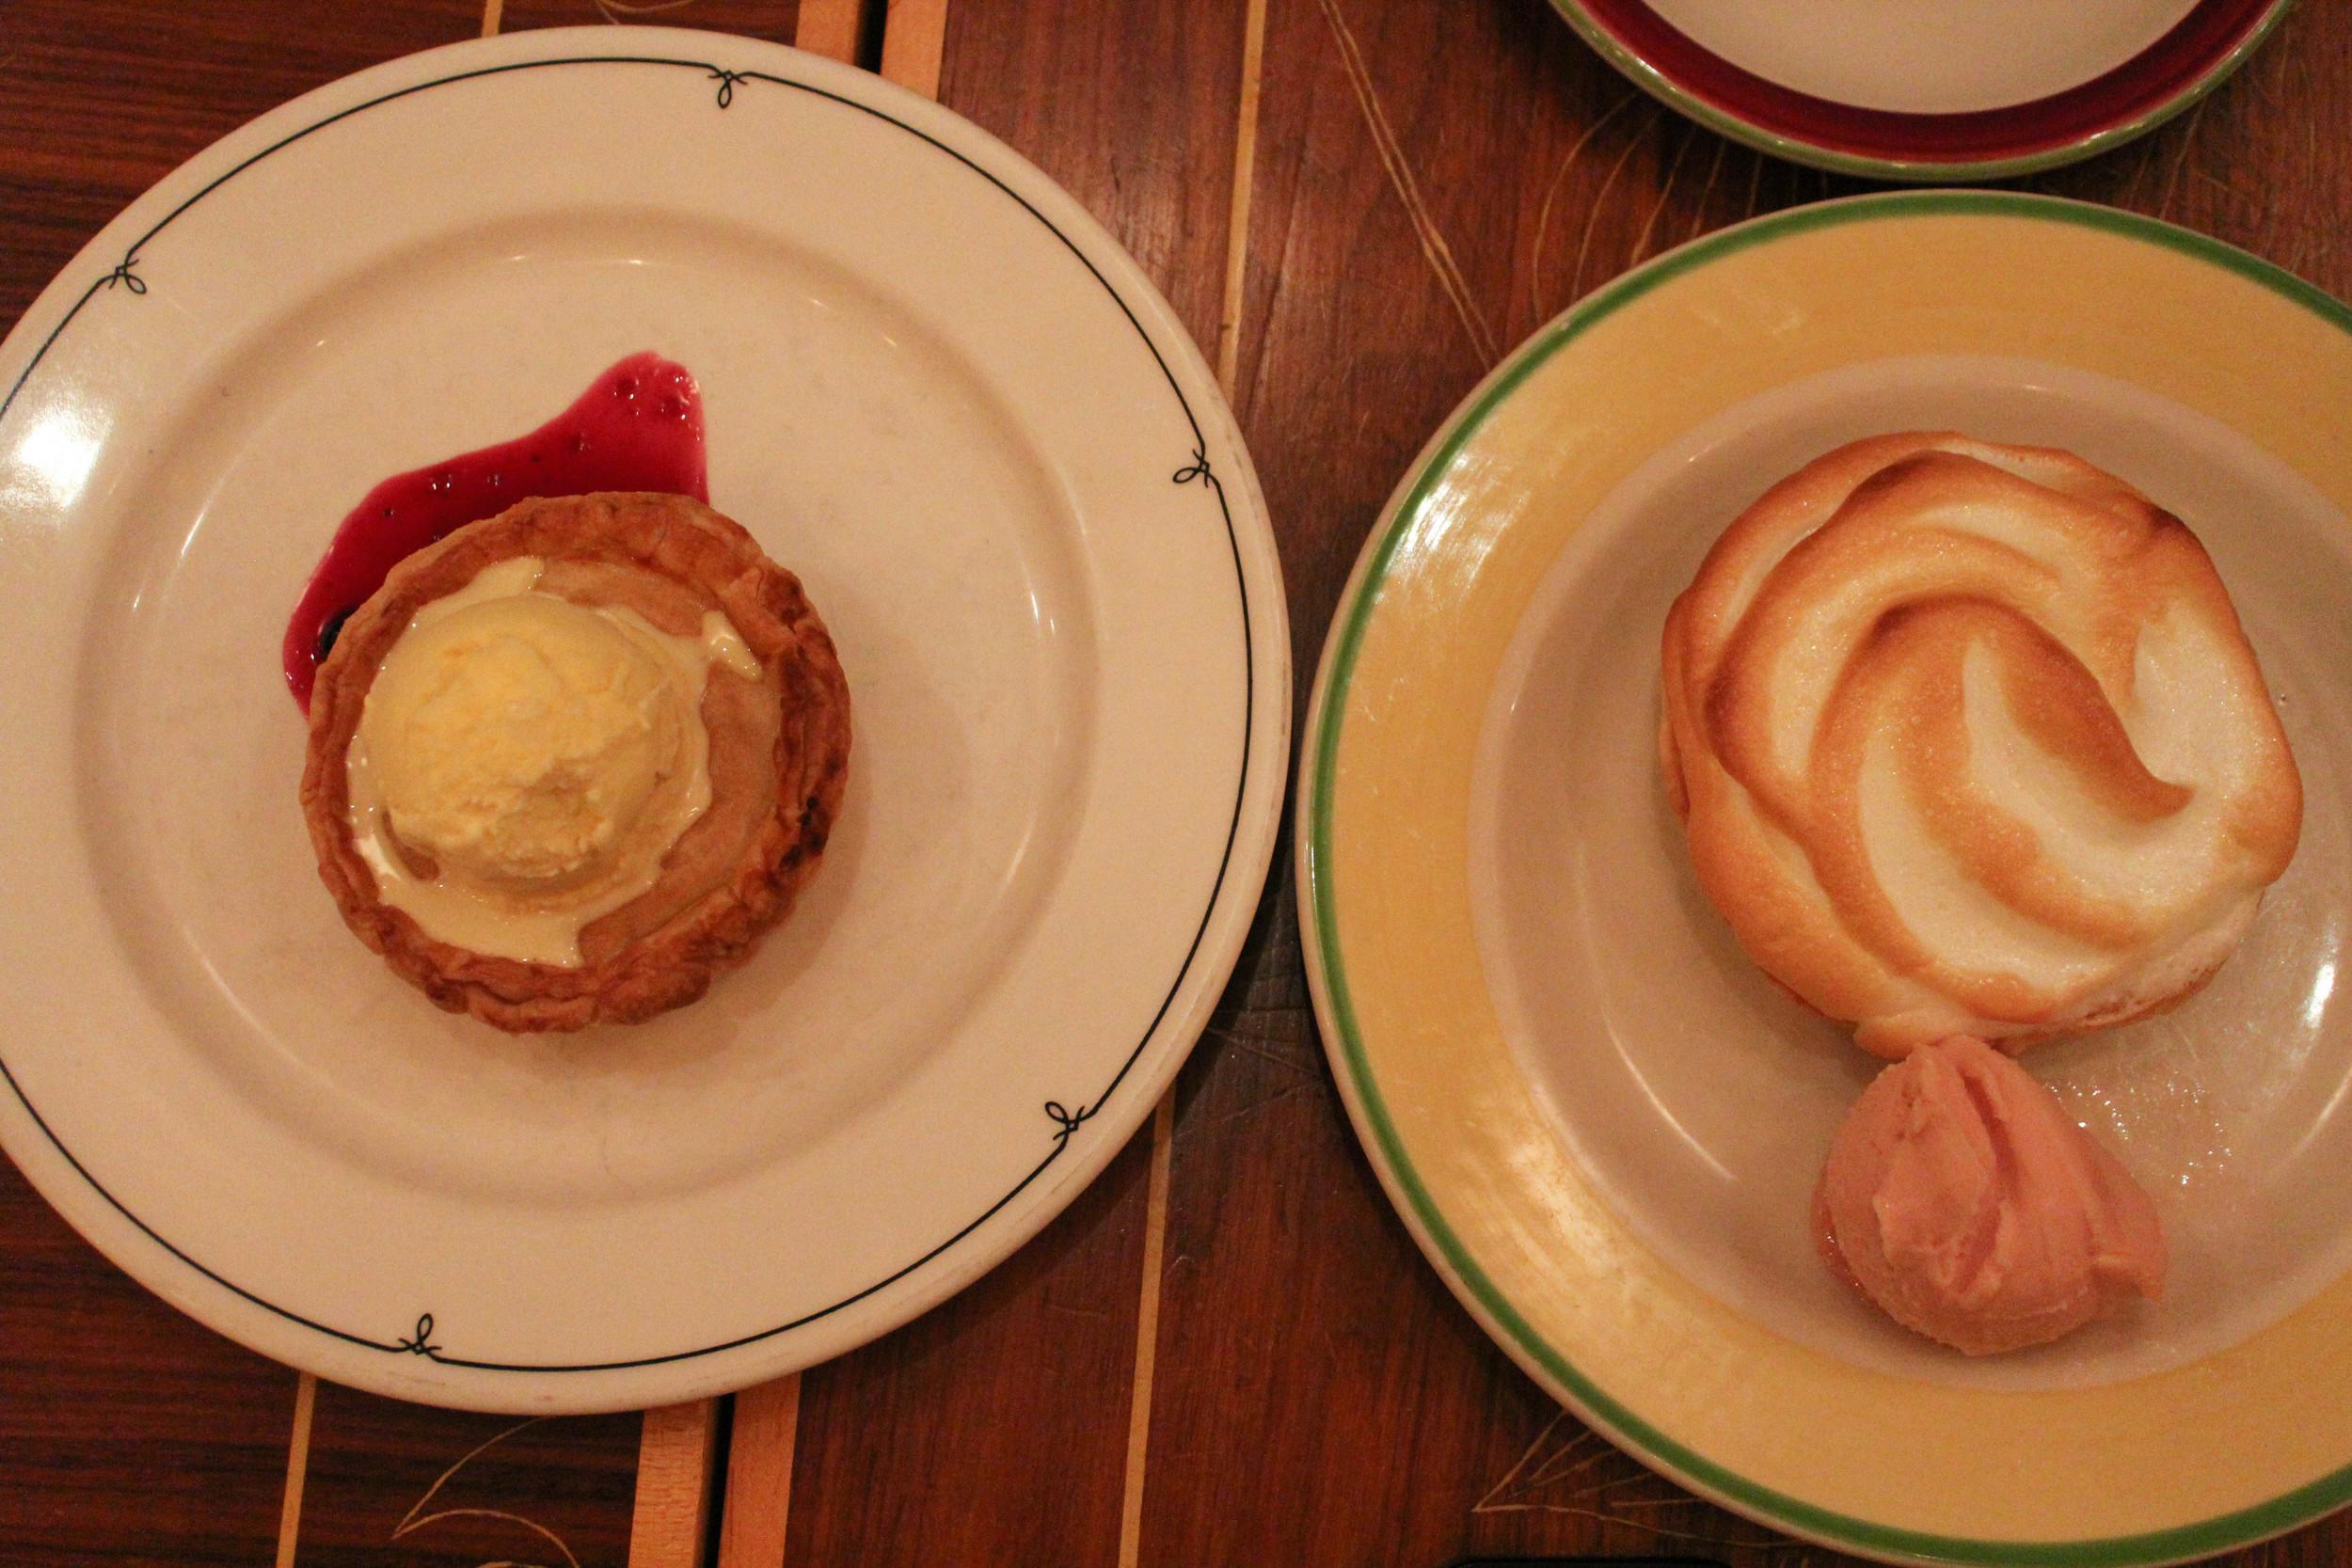 Buko (coconut)pie, a calamansi meringue pie with guava ice cream